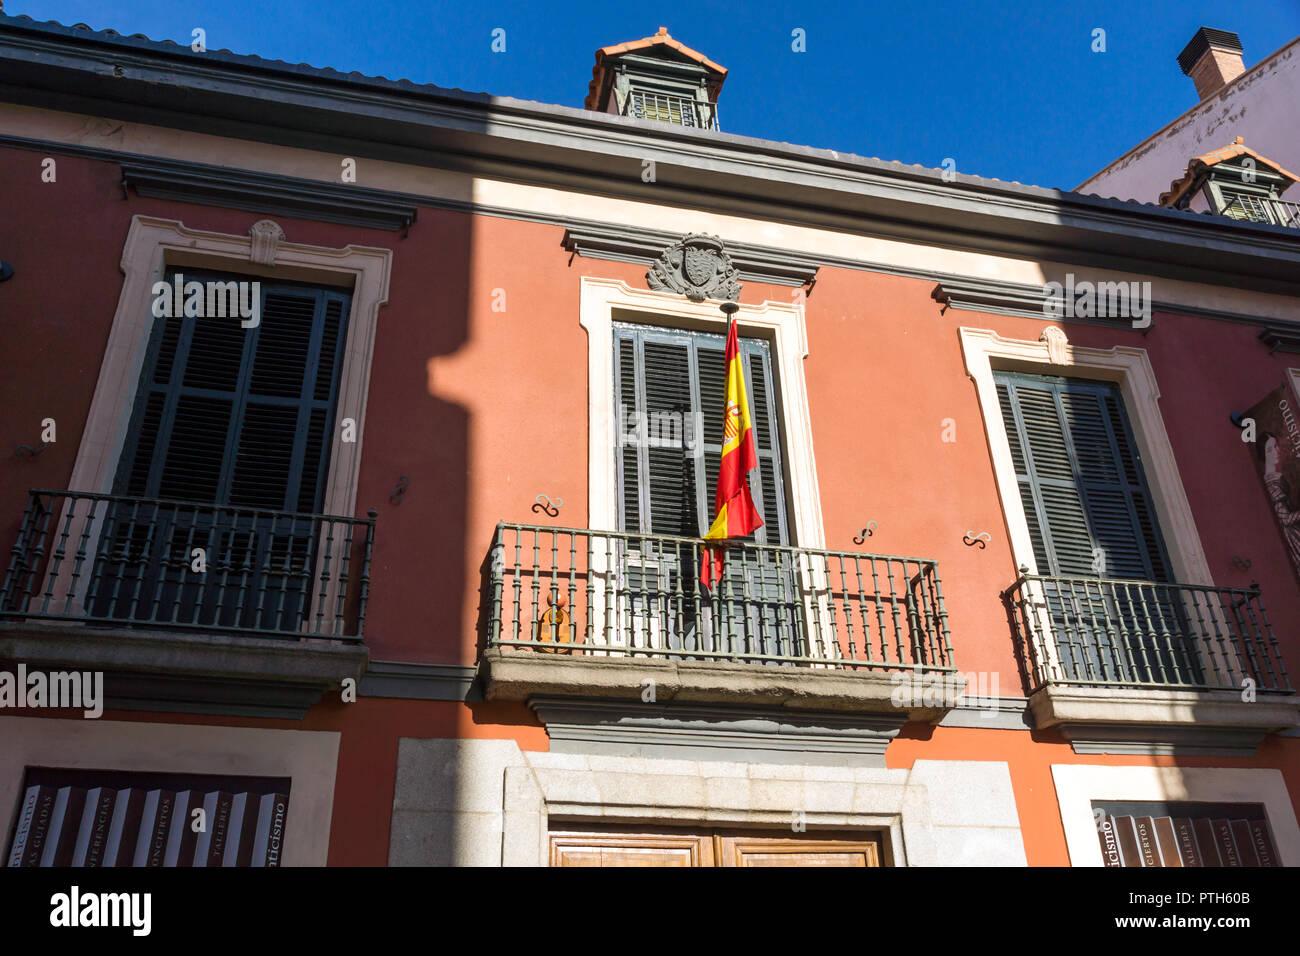 MADRID, Spanien - 24. JANUAR 2018: Morgen Ansicht von Museum der Romantik in der Stadt Madrid, Spanien Stockbild